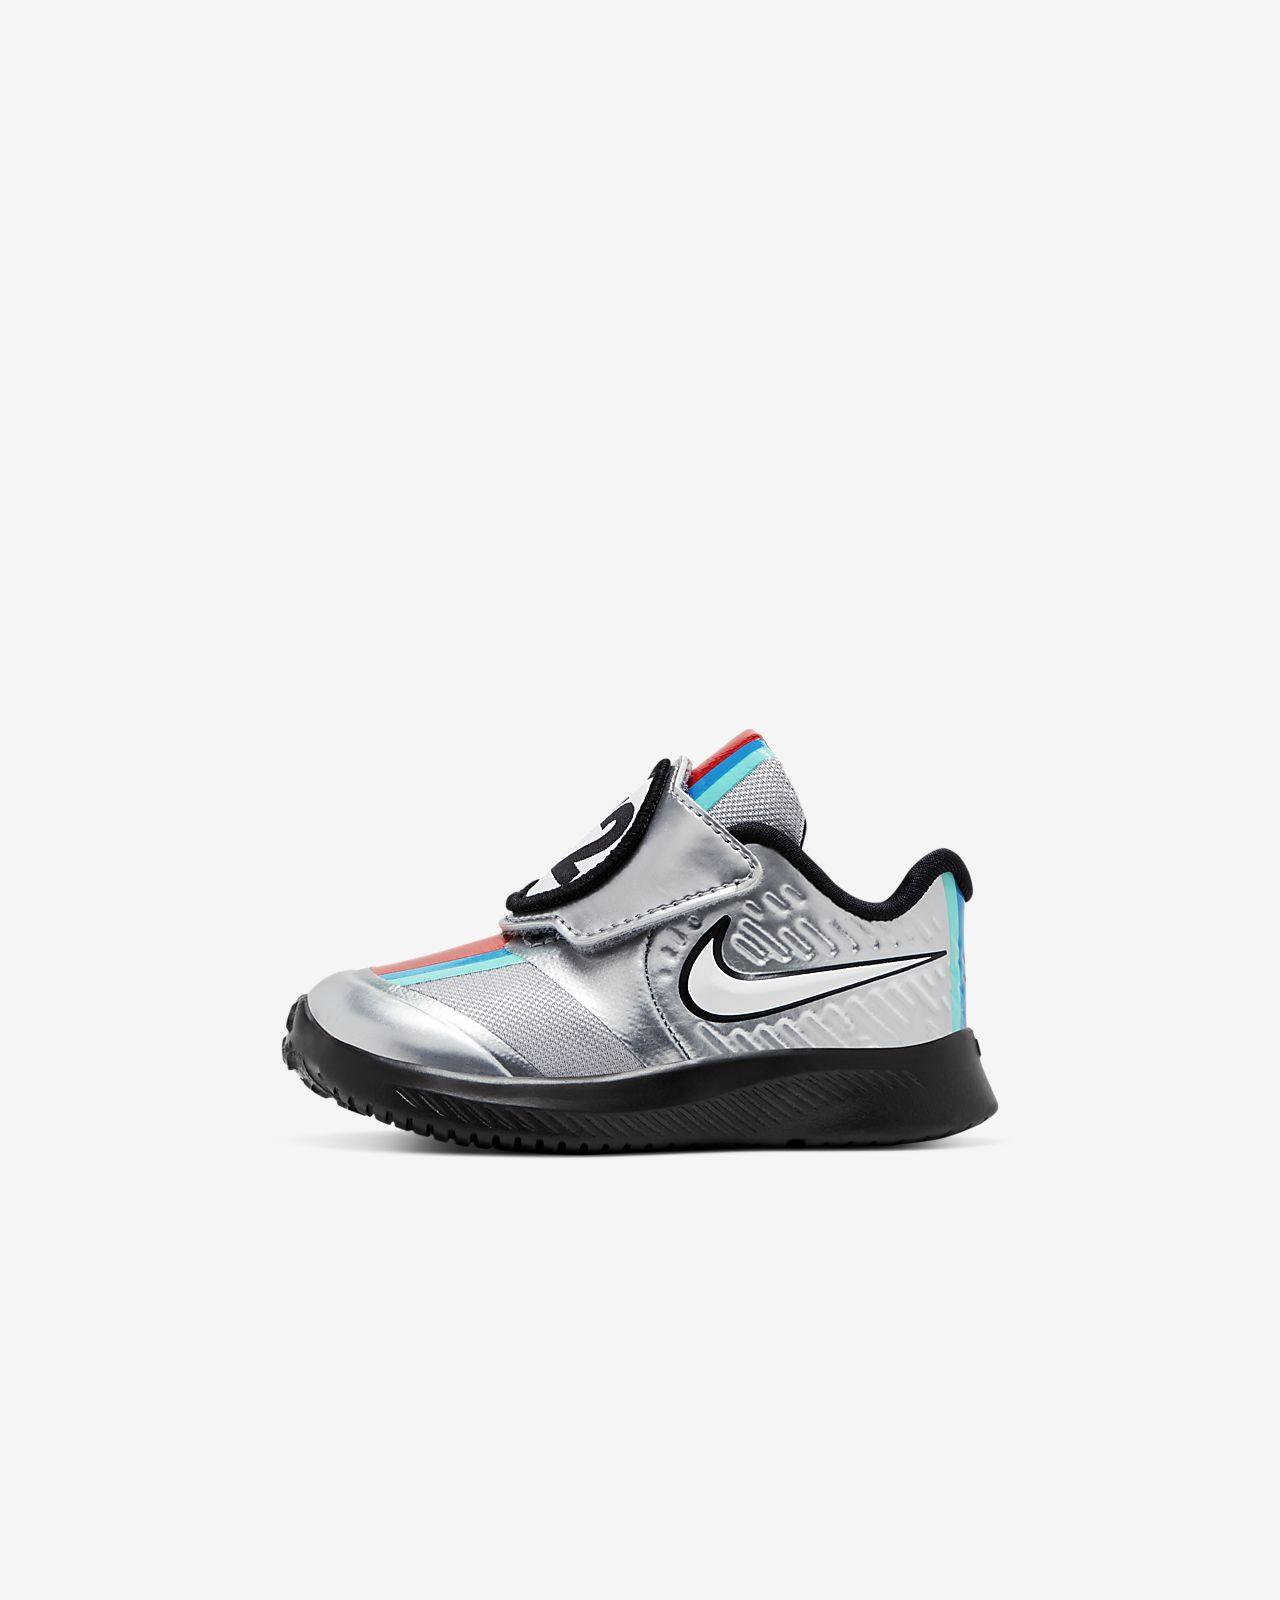 Παπούτσι Nike Star Runner 2 Auto για βρέφη και νήπια